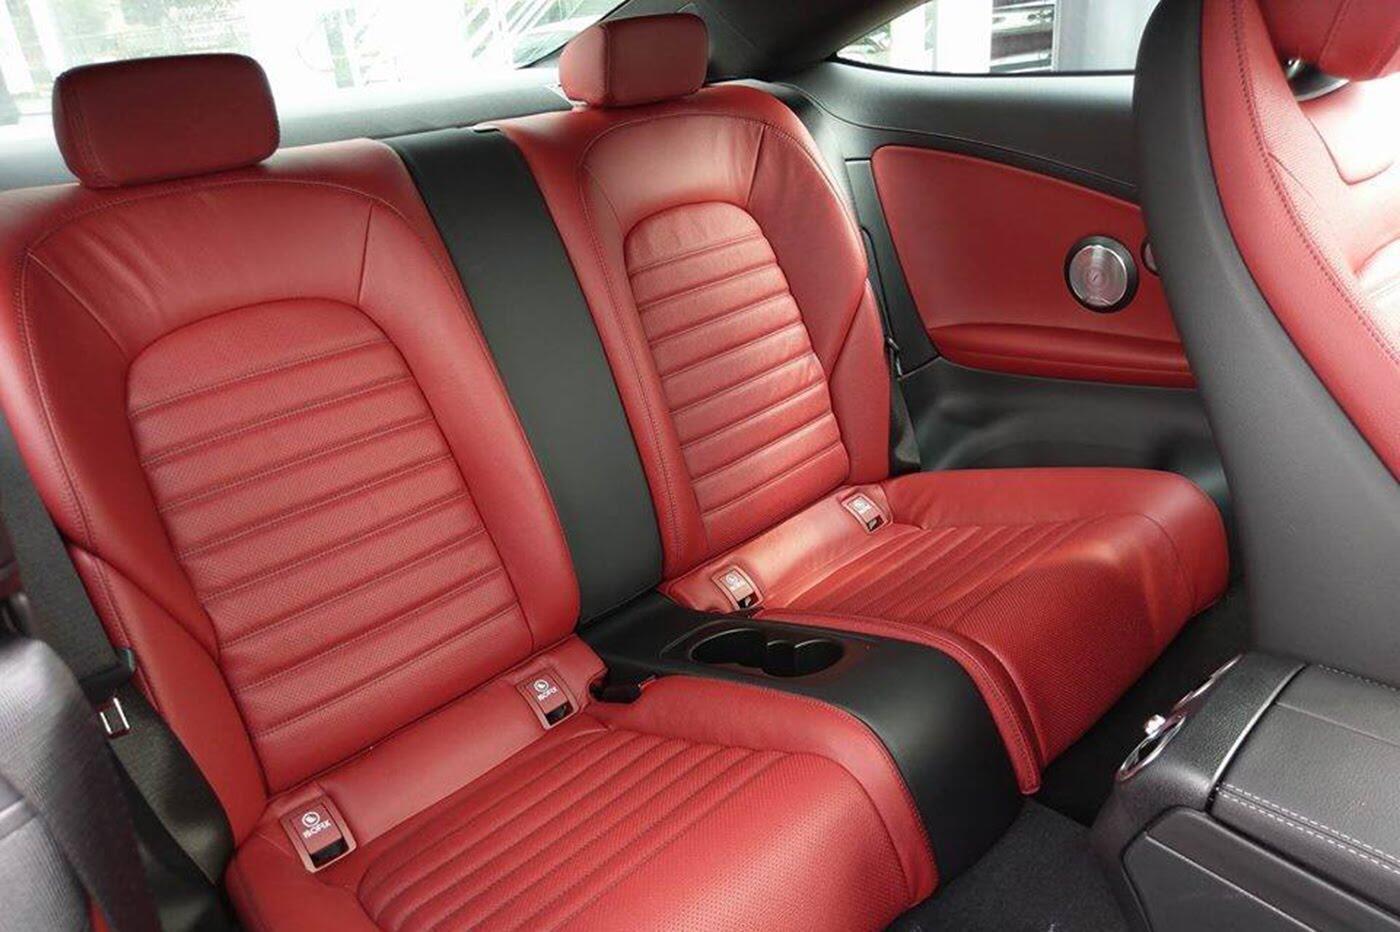 Mercedes-AMG C43 Coupe giá 4,2 tỷ đầu tiên về Việt Nam - Hình 12